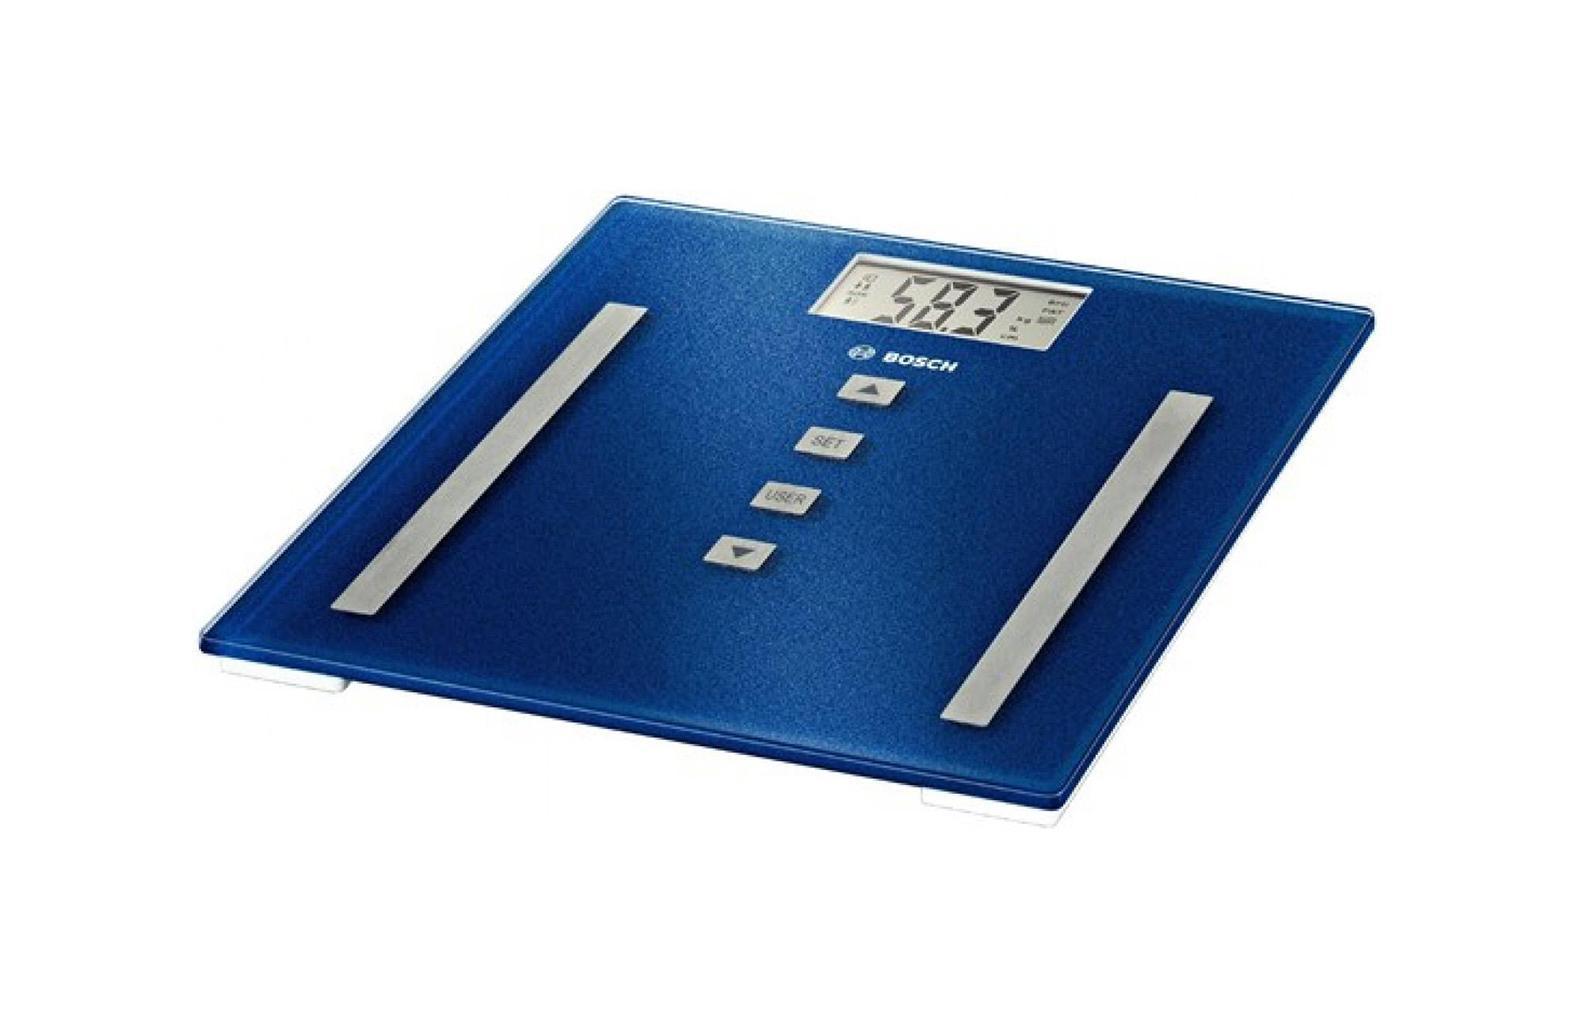 Bosch PPW 3320 напольные весыPPW3320Стильные супертонкие напольные весы Bosch PPW 3320 с большим дисплеем удобны для ежедневного контроля веса. Оснащены функцией автоматического включения/выключения, а также функциями определения доли воды и доли жировой ткани. Нагрузка до 180 килограммов.